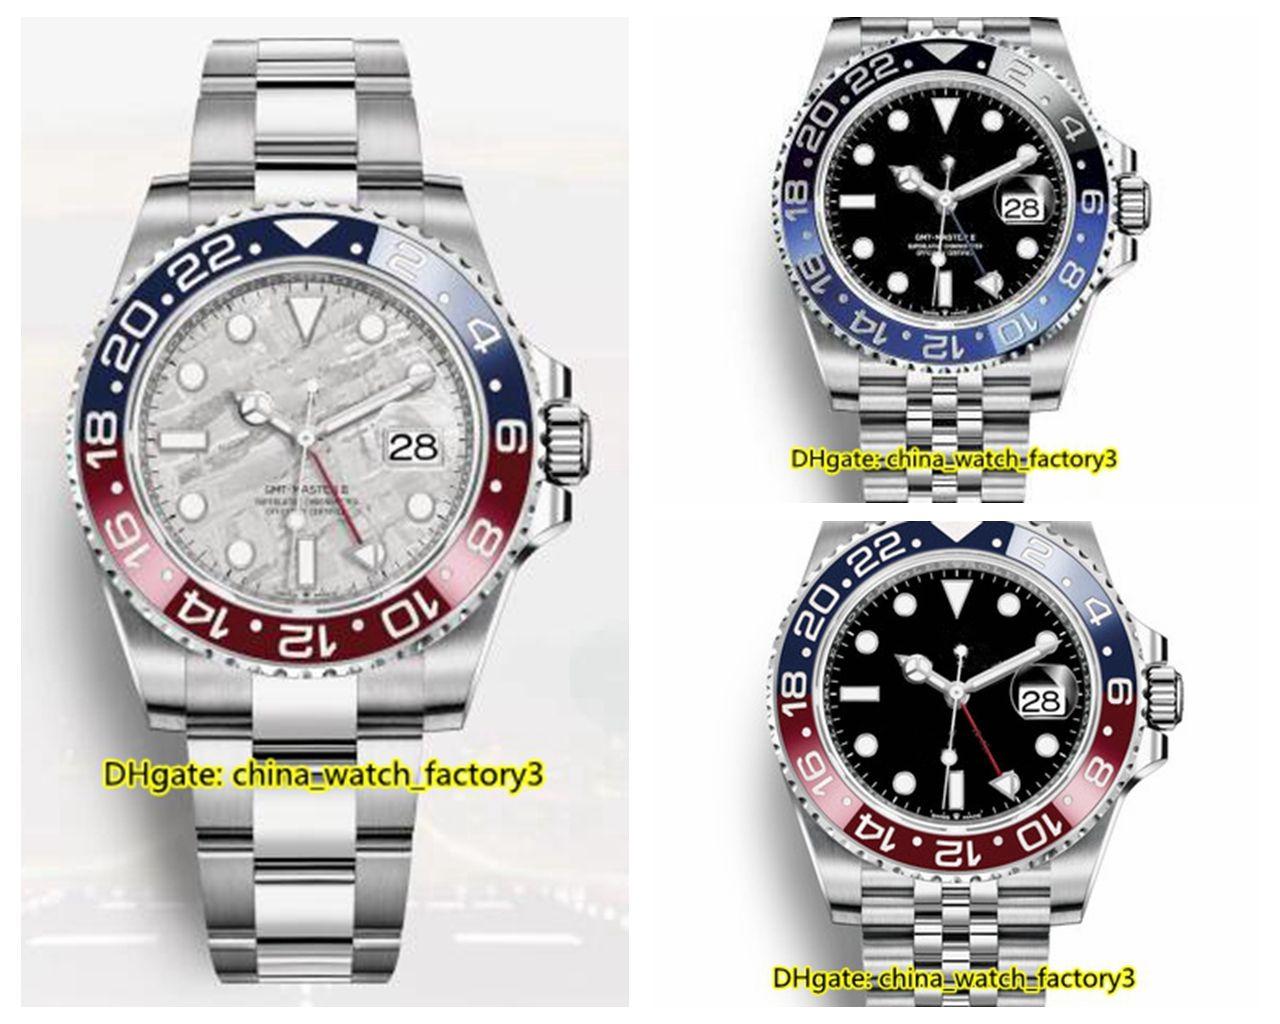 12 Style de Haute Qualité Watch BaselWorld 40mm GMT Batman 126710 116710 116713 126710 126715 126711 Asie 2813 Mouvement automatique Montres Hommes